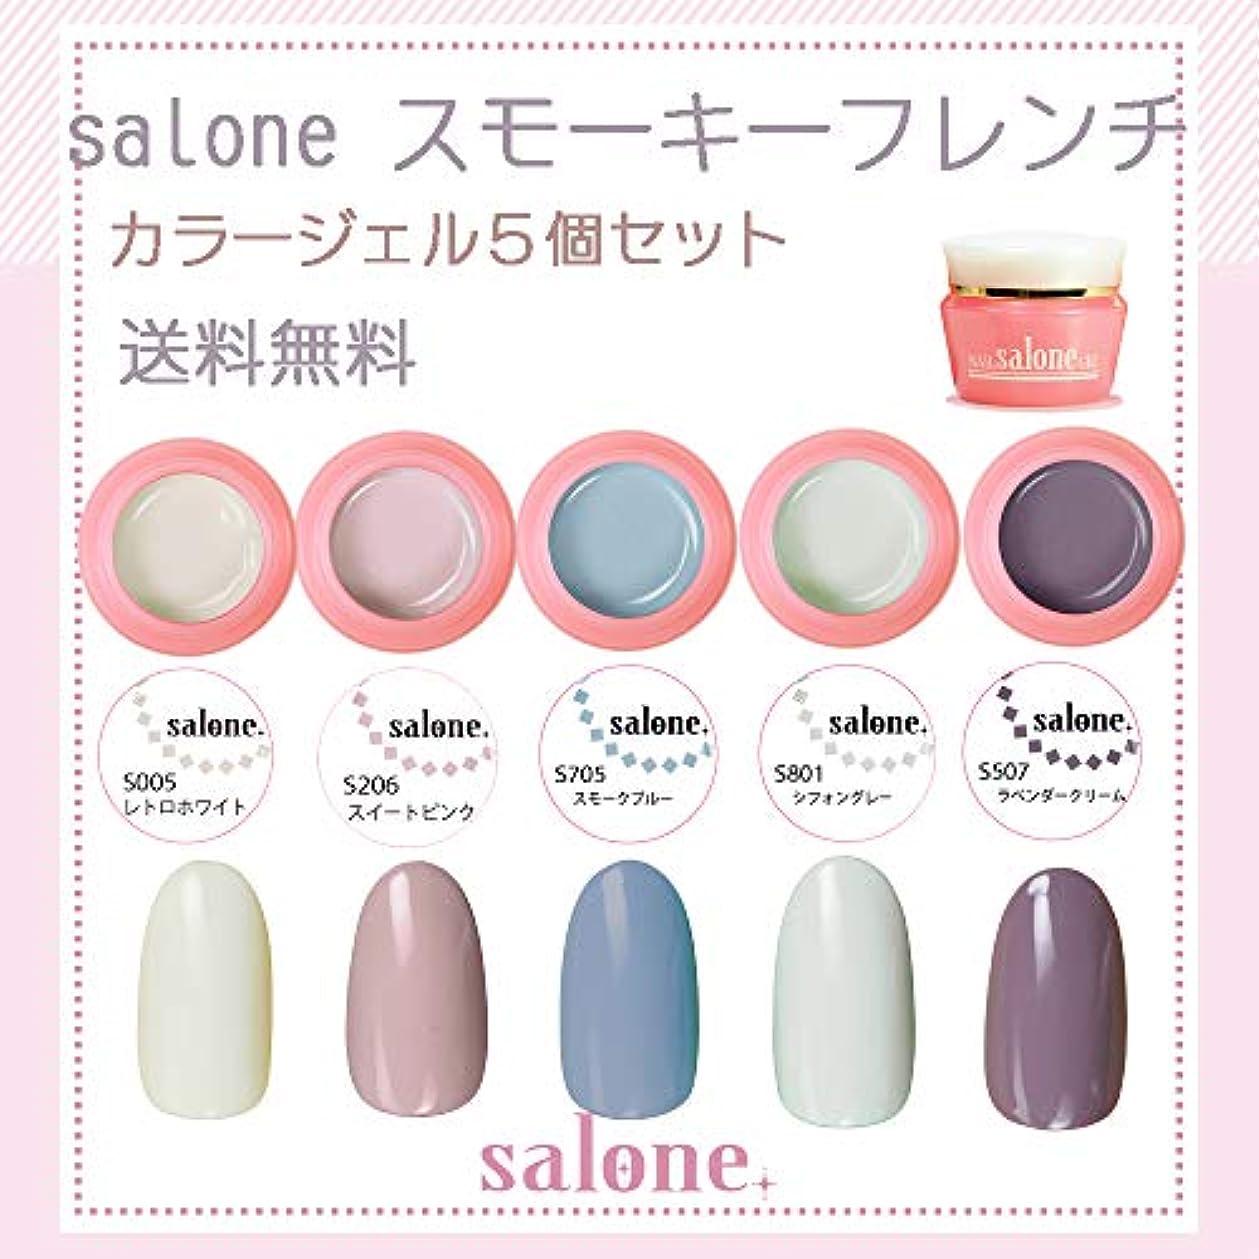 コンクリート嫌い証書【送料無料 日本製】Salone ヌーディフレンチカラージェル5個セット 肌馴染みの良いヌーディカラーをチョイスしました。